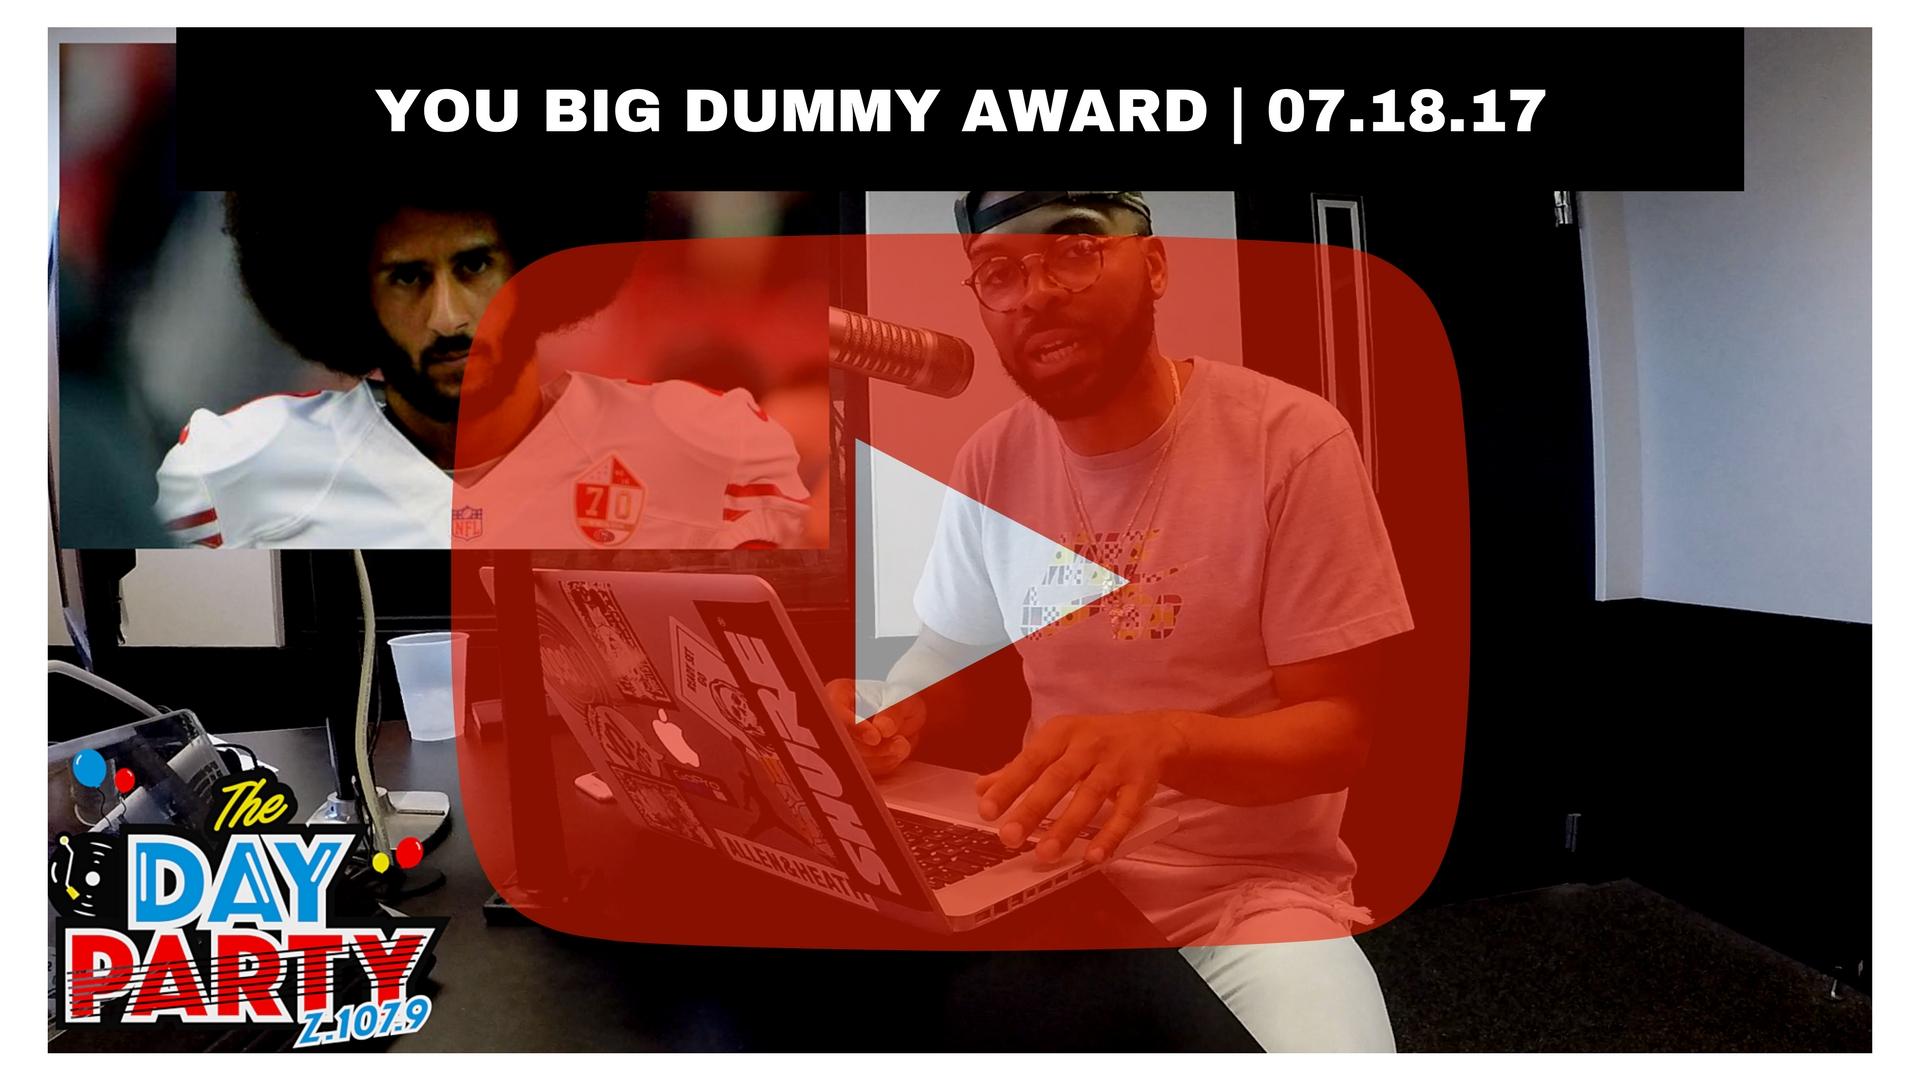 YOU BIG DUMMY AWARD _ 07.18.17